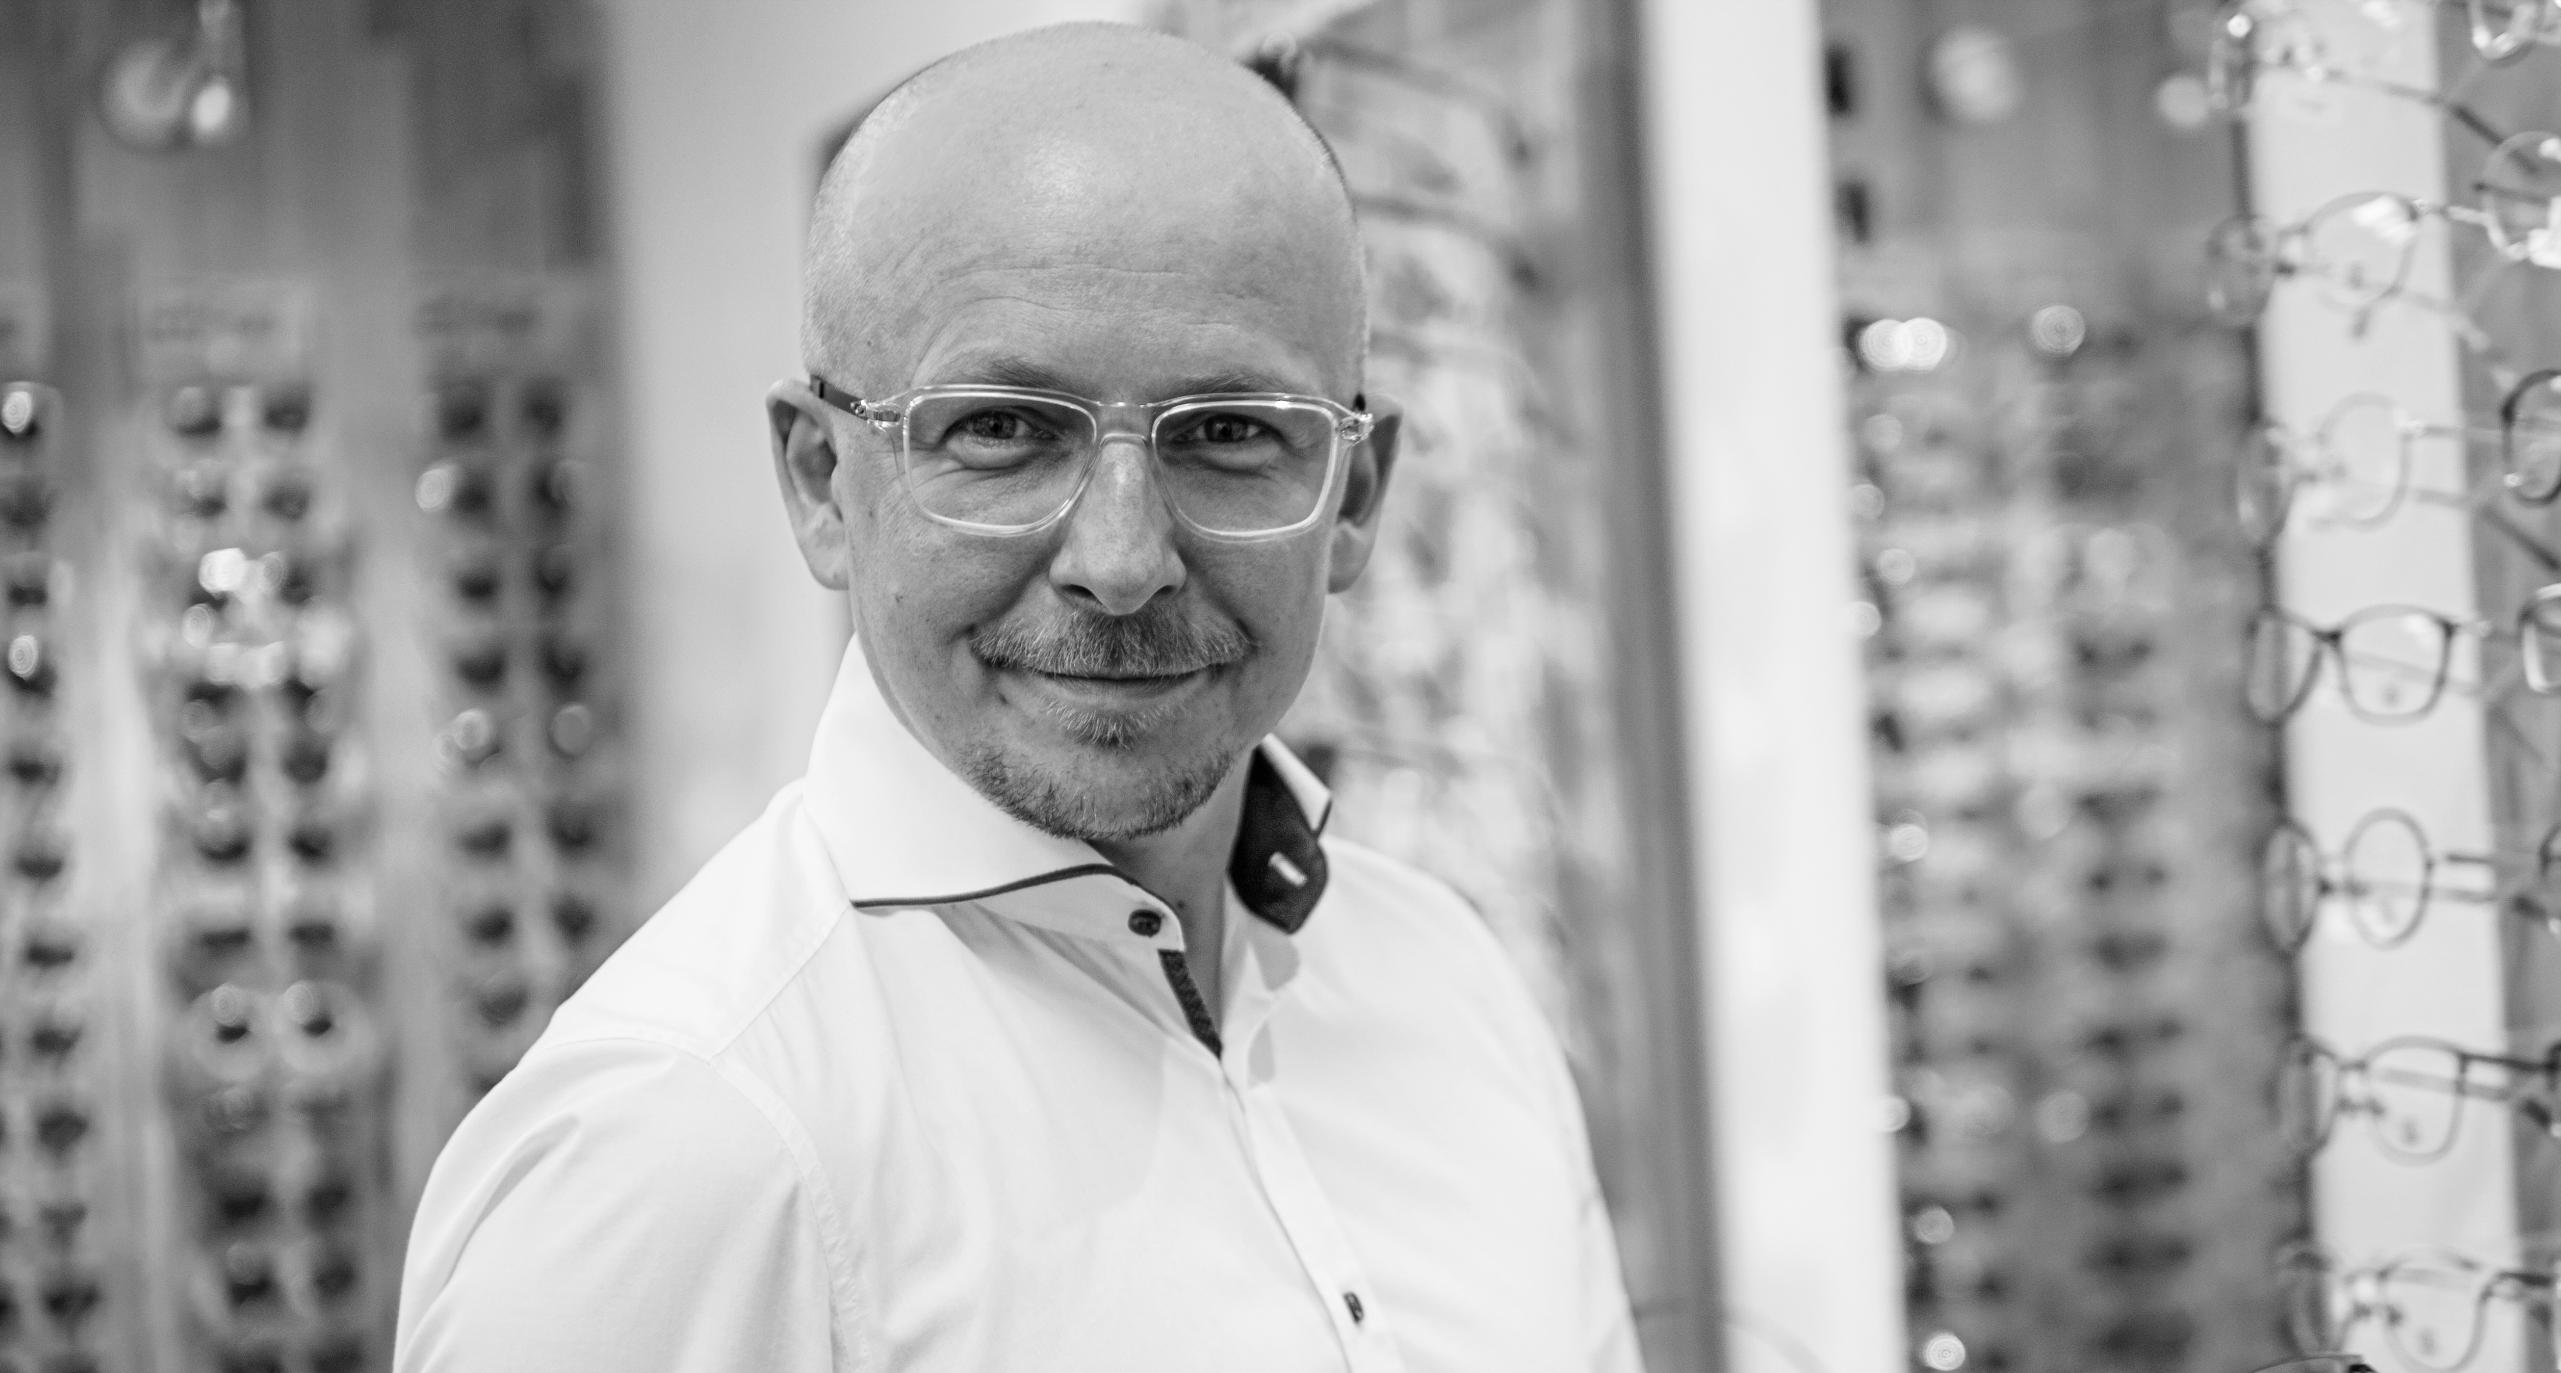 Dennis Pohl Augenoptiker